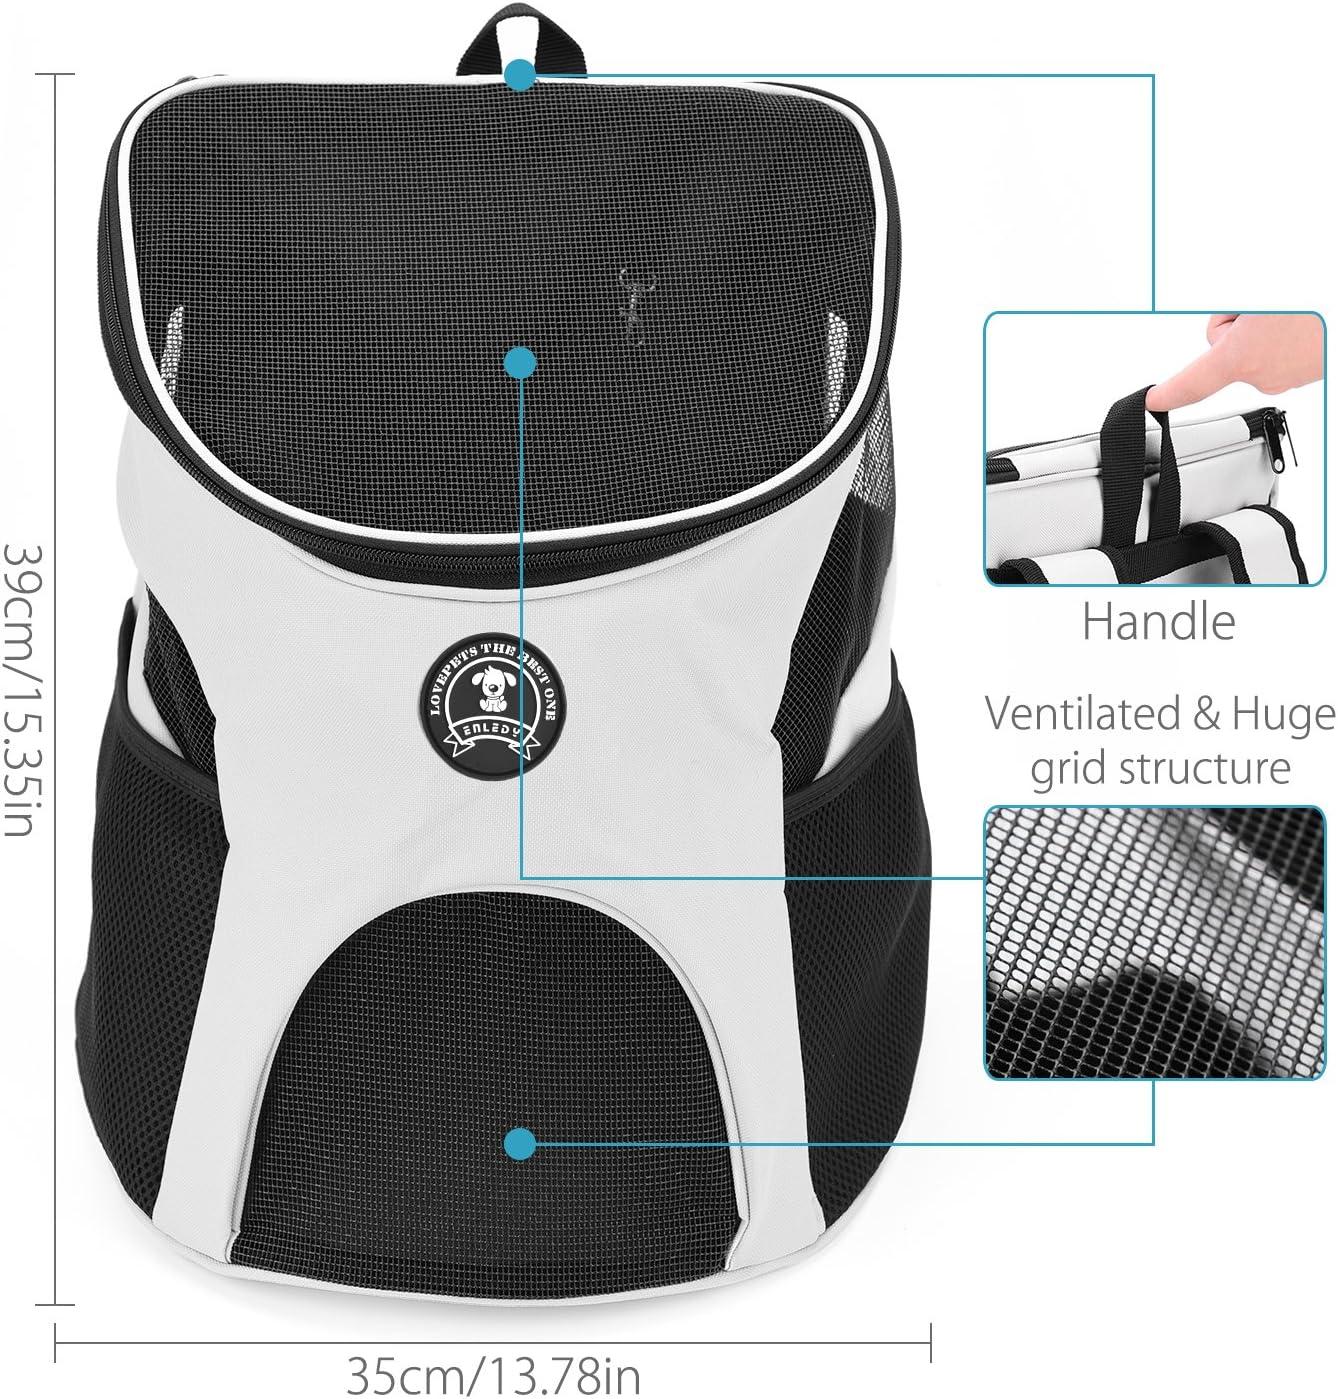 um Ihr Tier sicher und komfortabel zu halten geeignet f/ür Tiere unter 7KG Enledy Hundetasche,Hundetragetasche,Katzentragetasche,Tragetasche Transporttasche Transportbox f/ür Kleine Hunde und Katzen